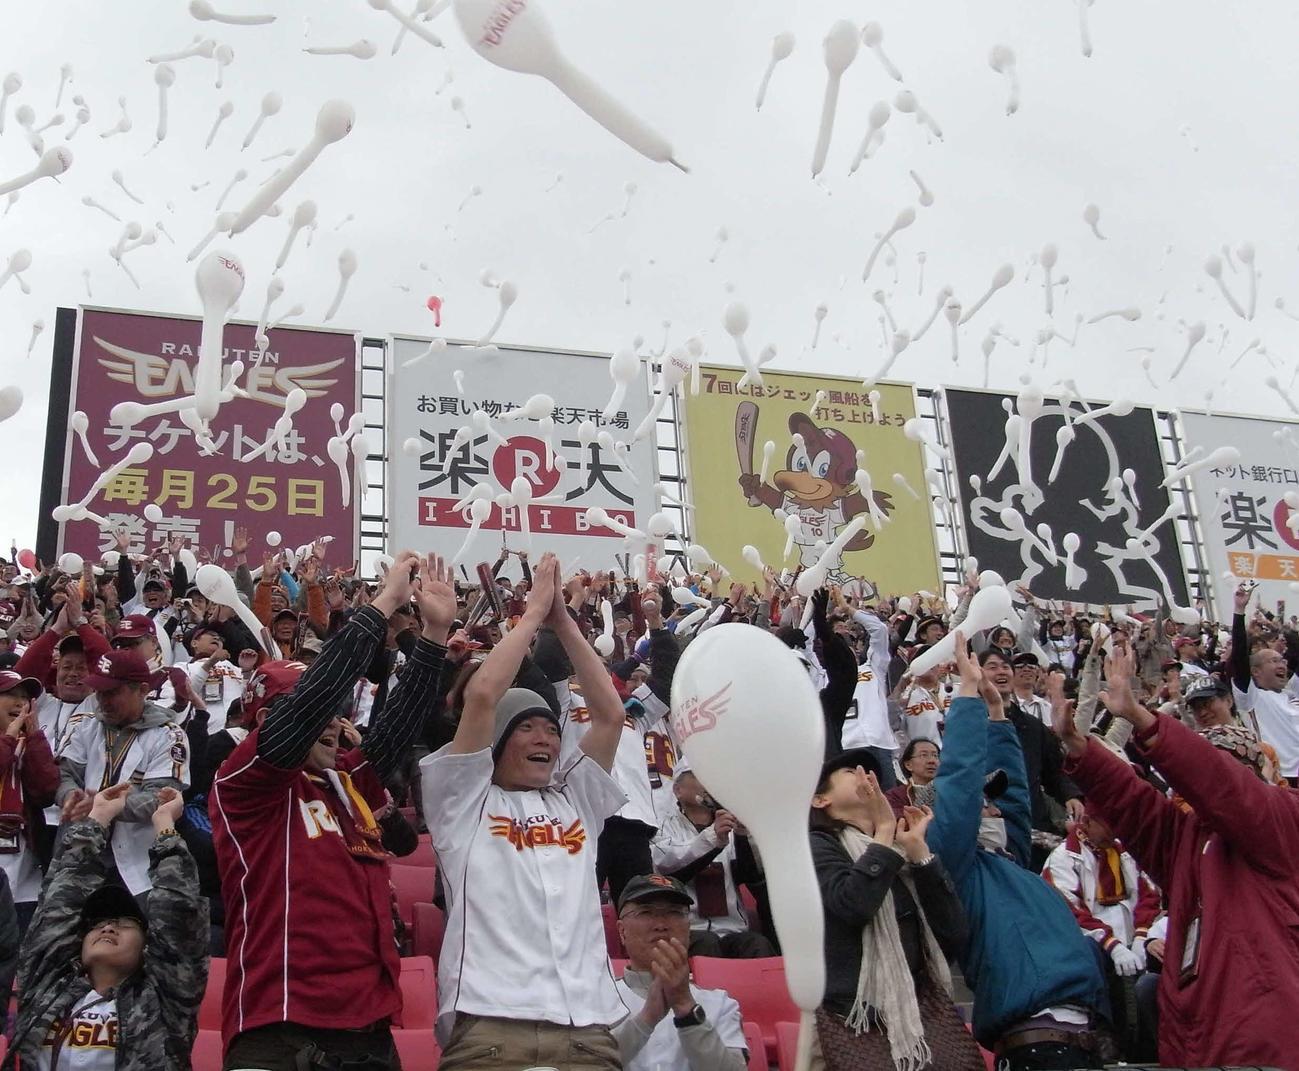 11年4月、オリックスに勝利した瞬間、歓喜の風船が舞った